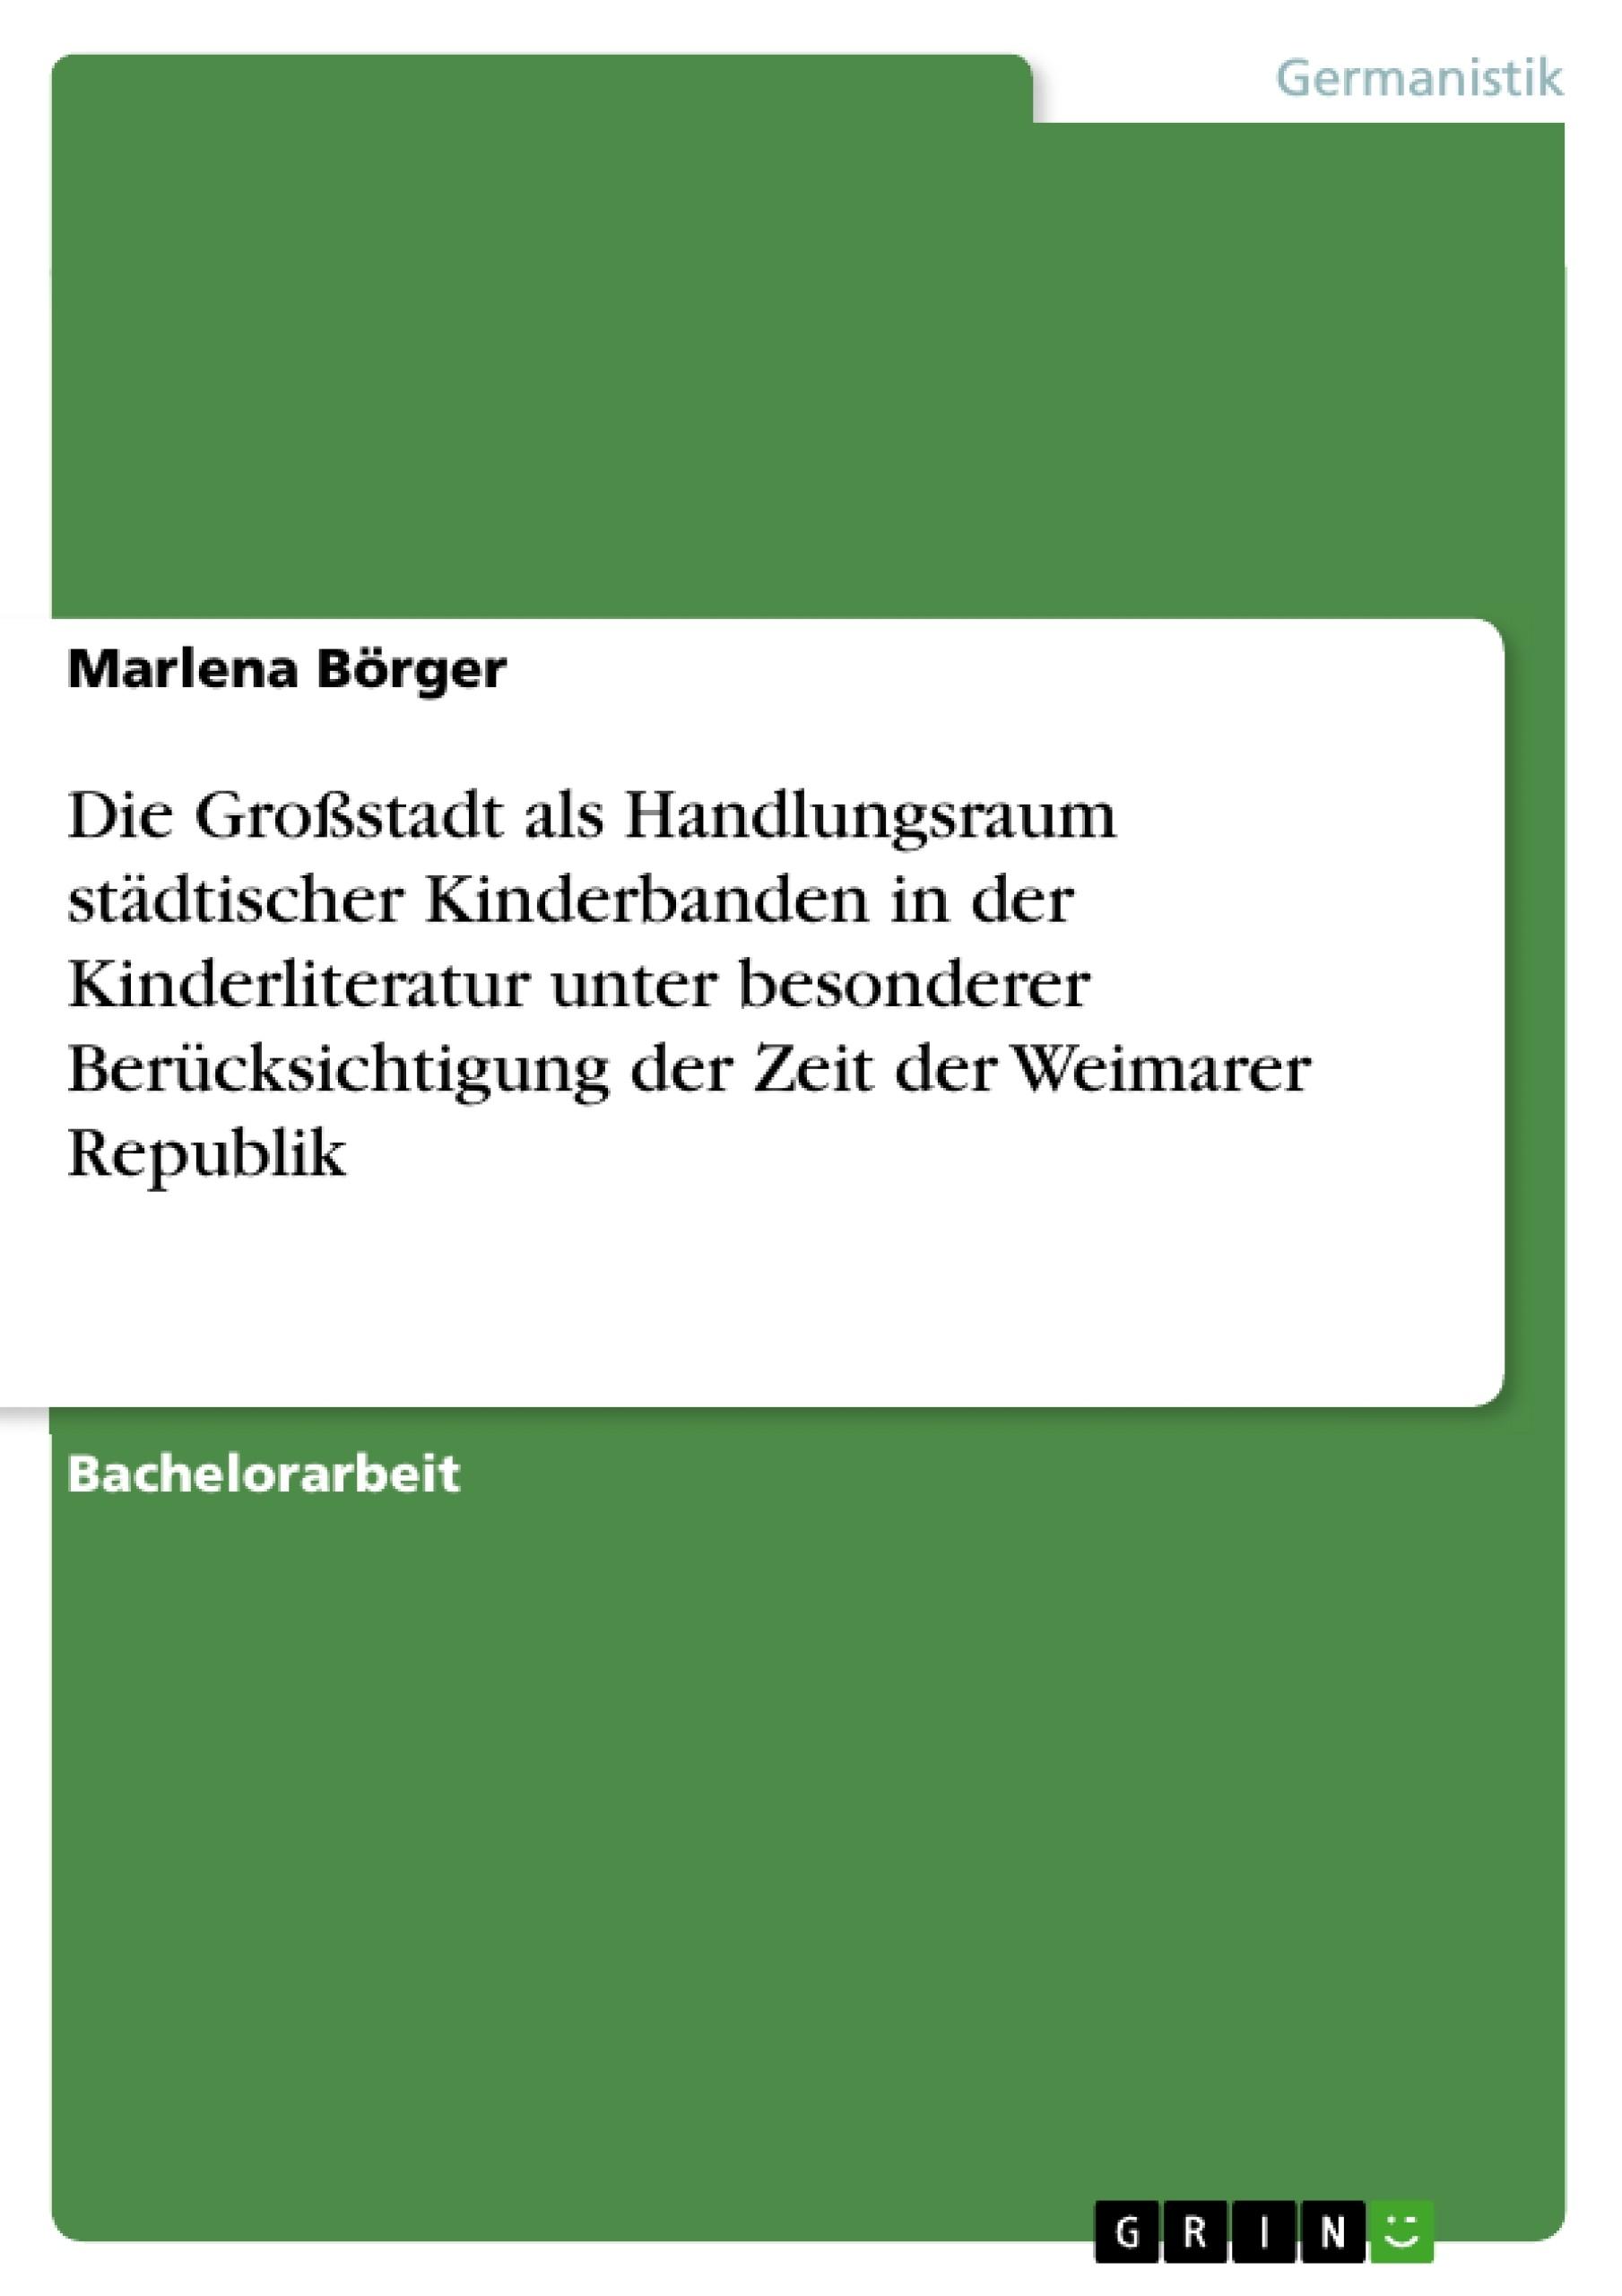 Titel: Die Großstadt als Handlungsraum städtischer Kinderbanden in der Kinderliteratur unter besonderer Berücksichtigung der Zeit der Weimarer Republik